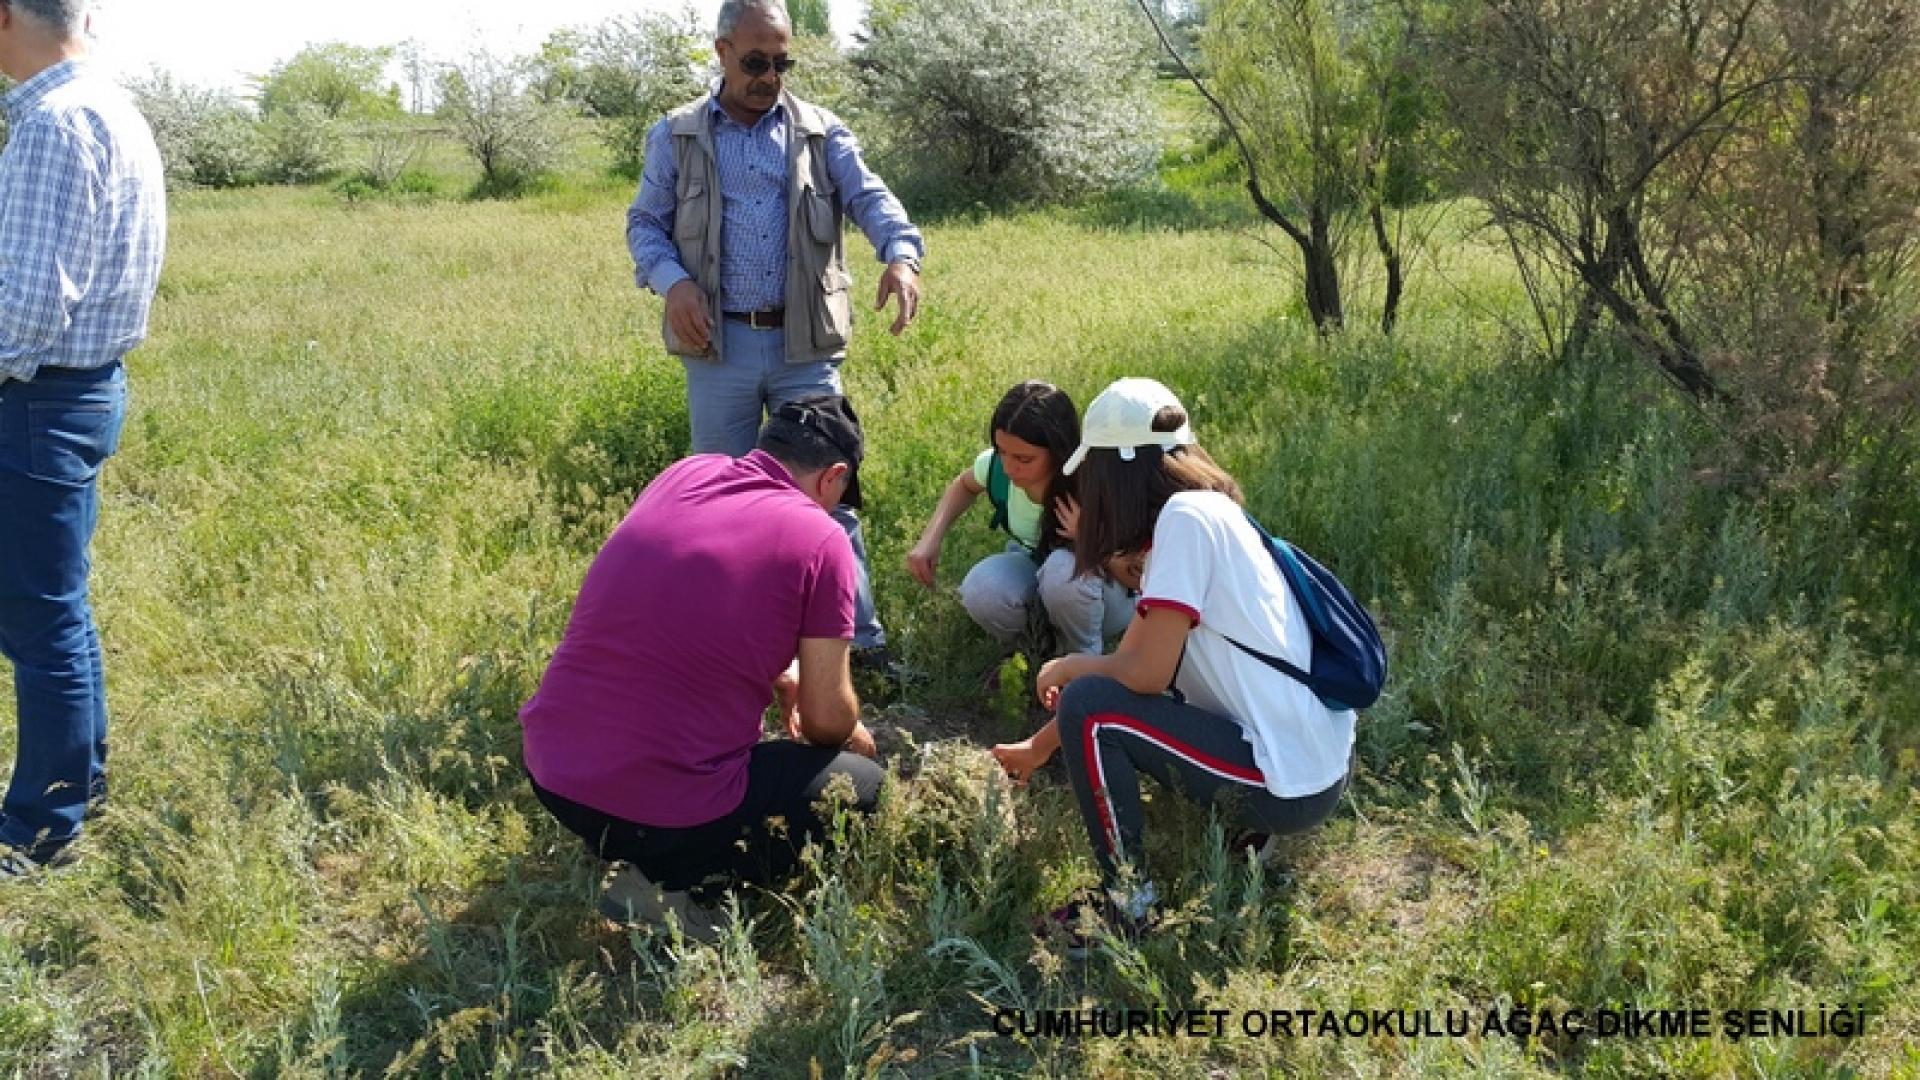 Cumhuriyet Ortaokulu Ağaç Dikme Şenliği 1524827276 154